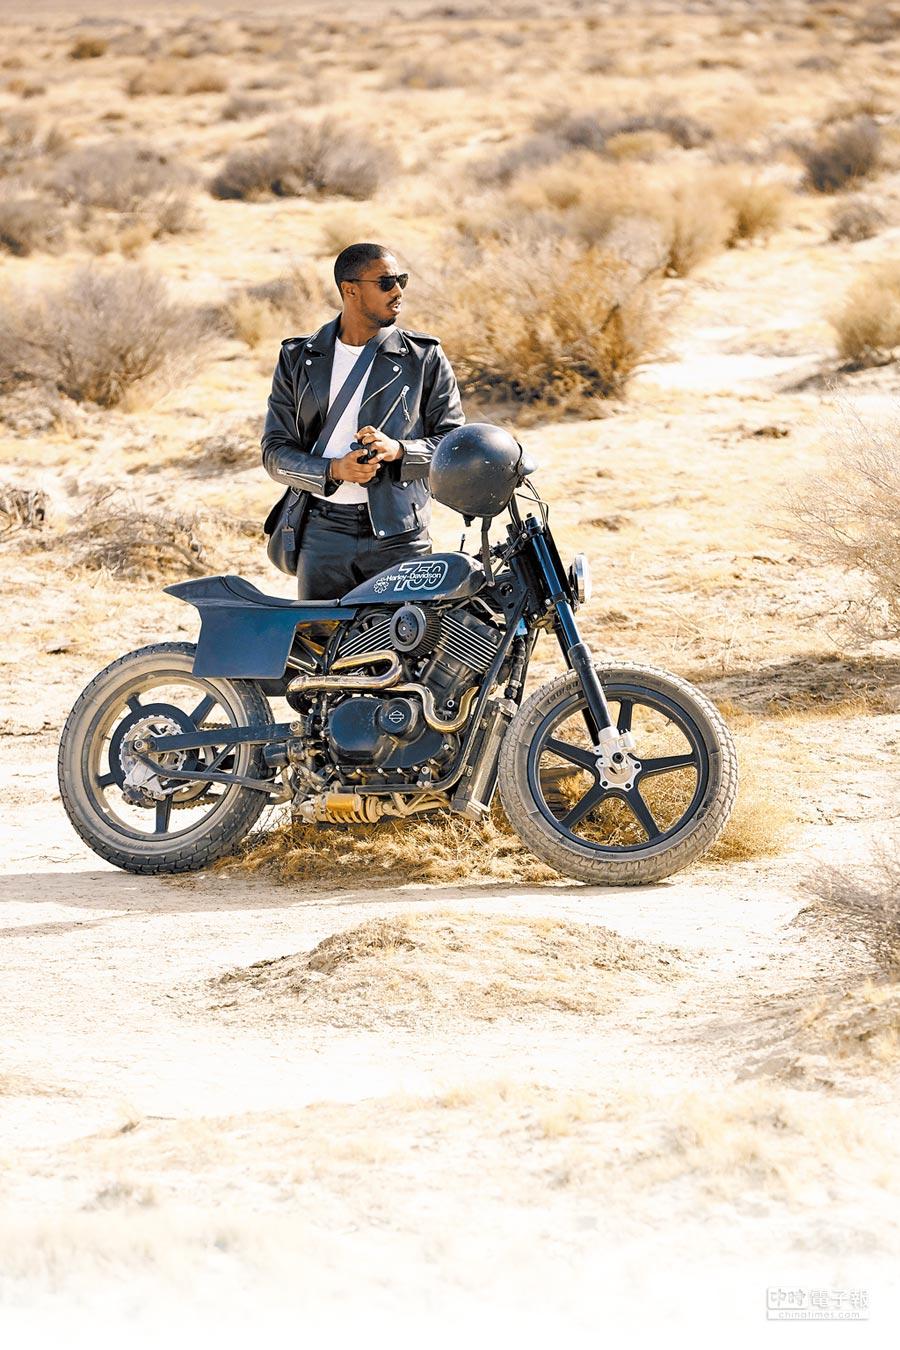 麥可·B·喬丹演出COACH短片,騎著重型機車橫越沙漠。(COACH提供)